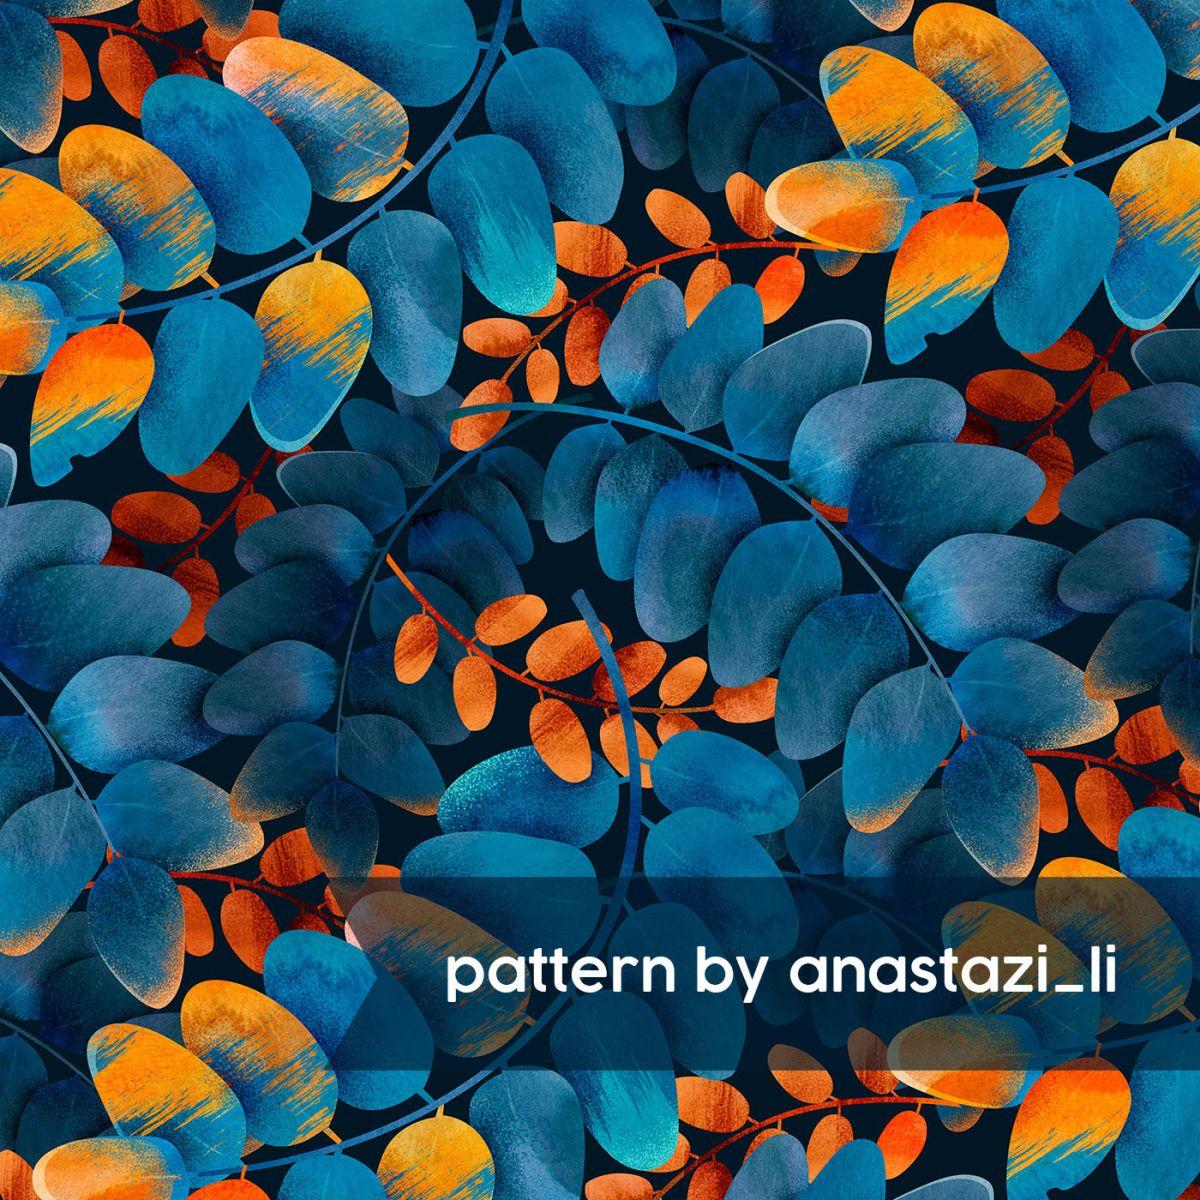 pattern illustration digital art